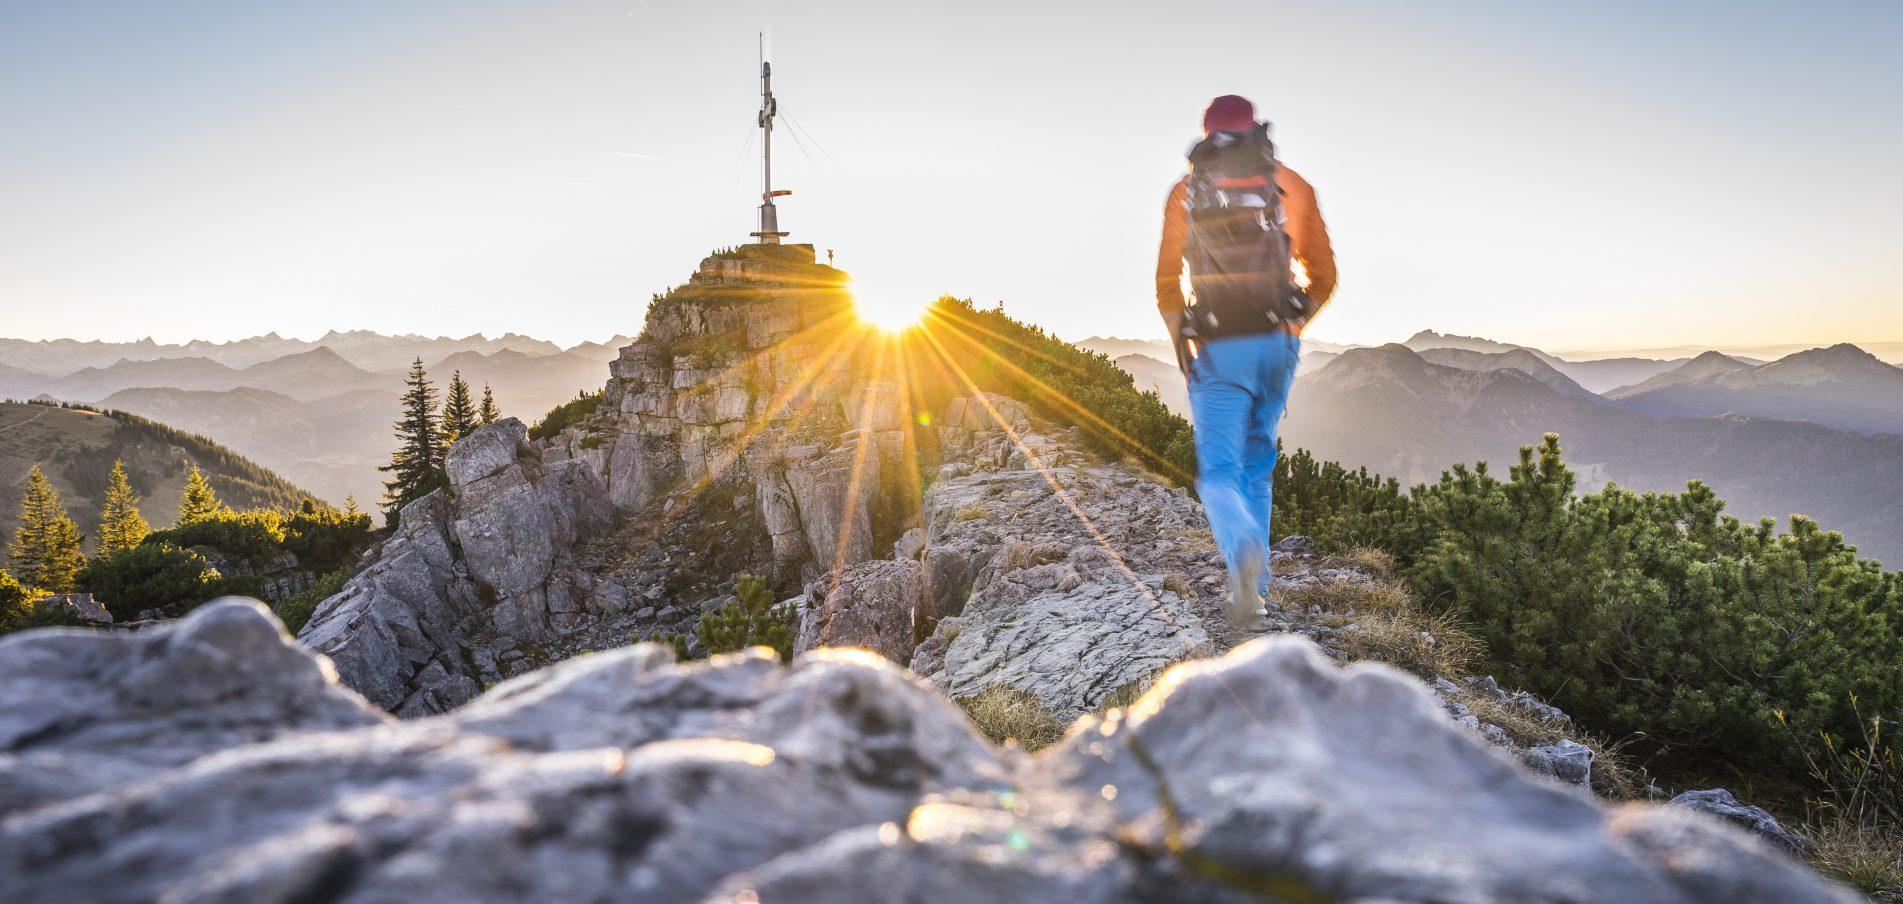 Mitarbeiter- & Kundenbindung in einzigartiger Kulisse Tegernsee: Outdoor-Paradies für unvergessliche Momente